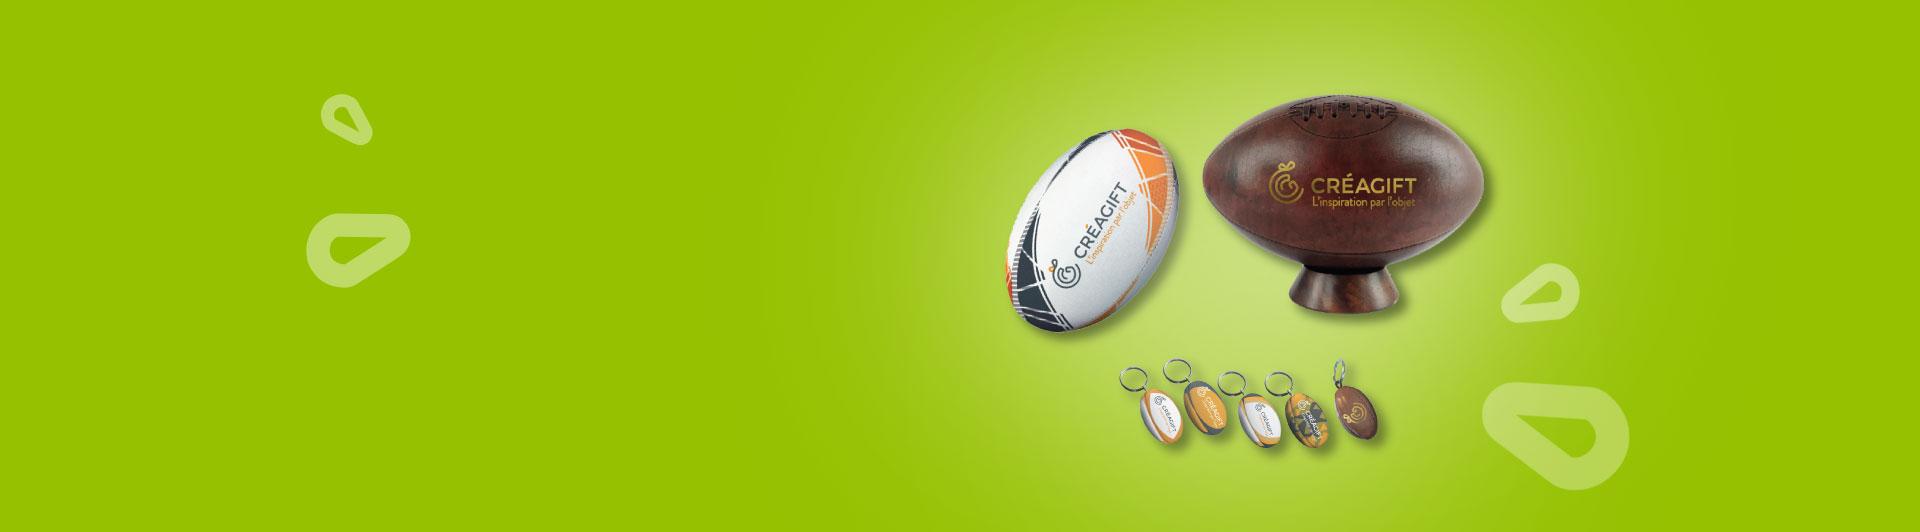 Ballons De Rugby Personnalisés Créagift Nantes